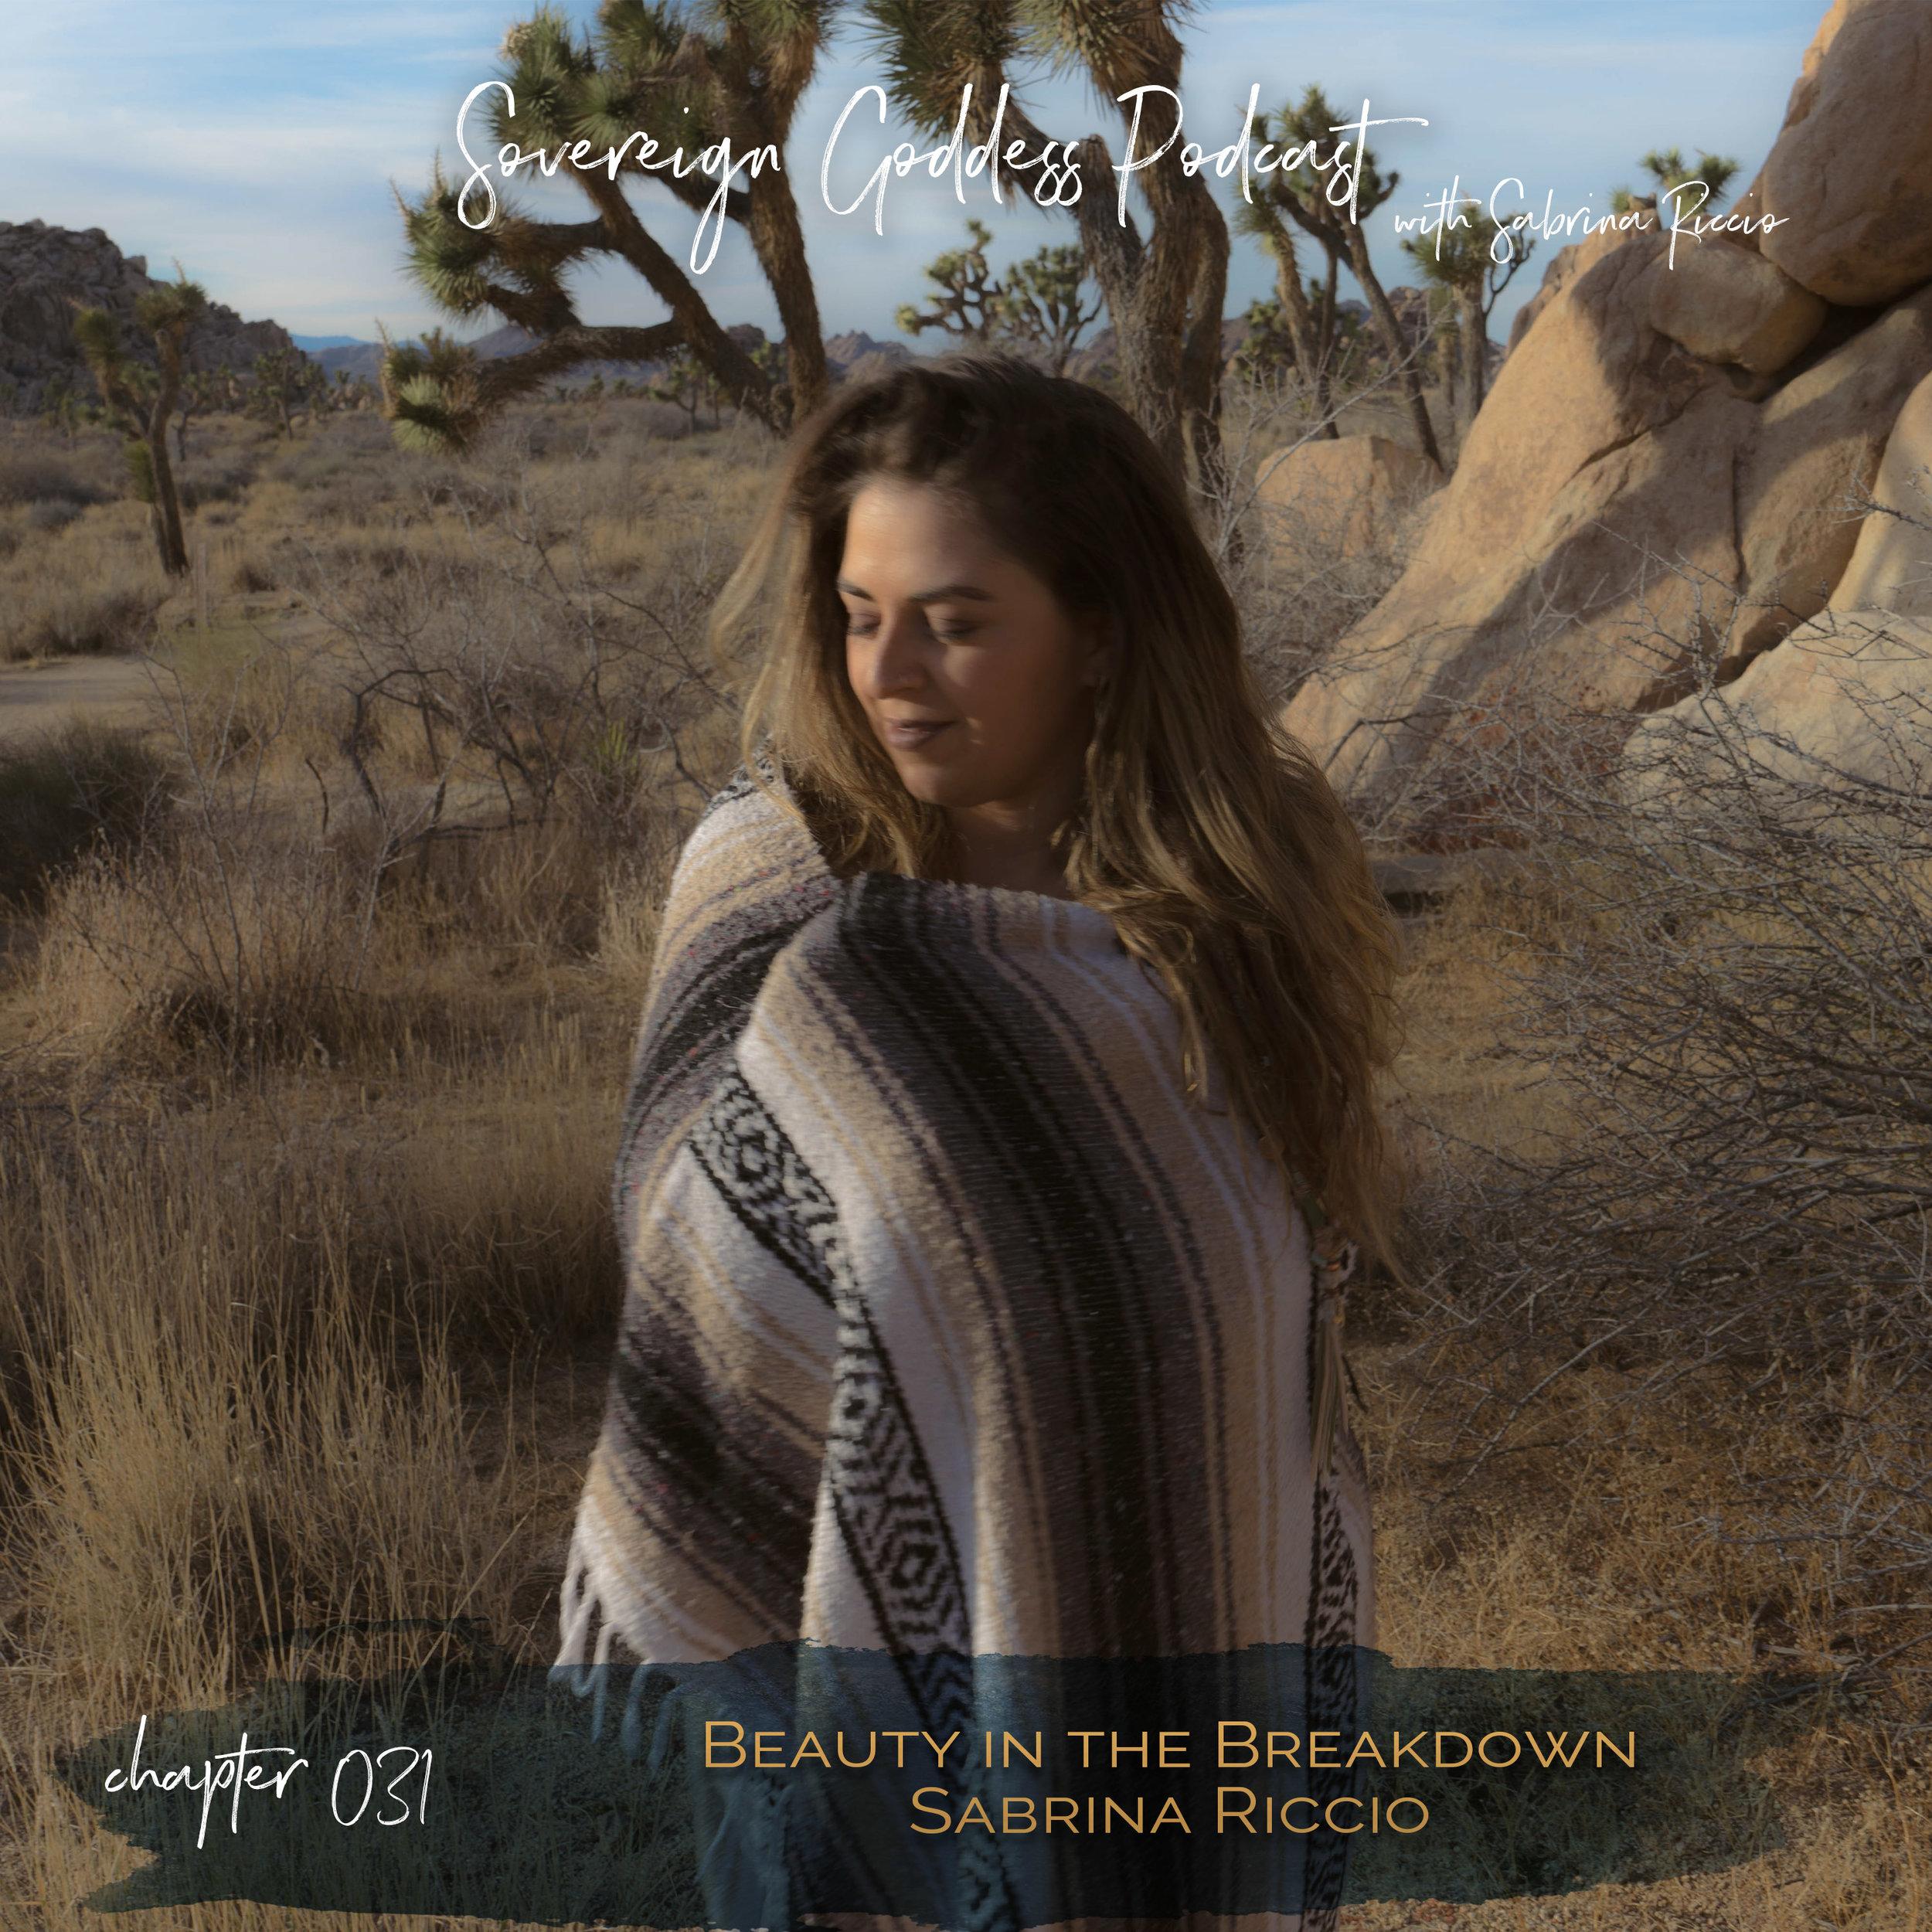 031 | Beauty in the Breakdown // Sovereign Goddess Podcast